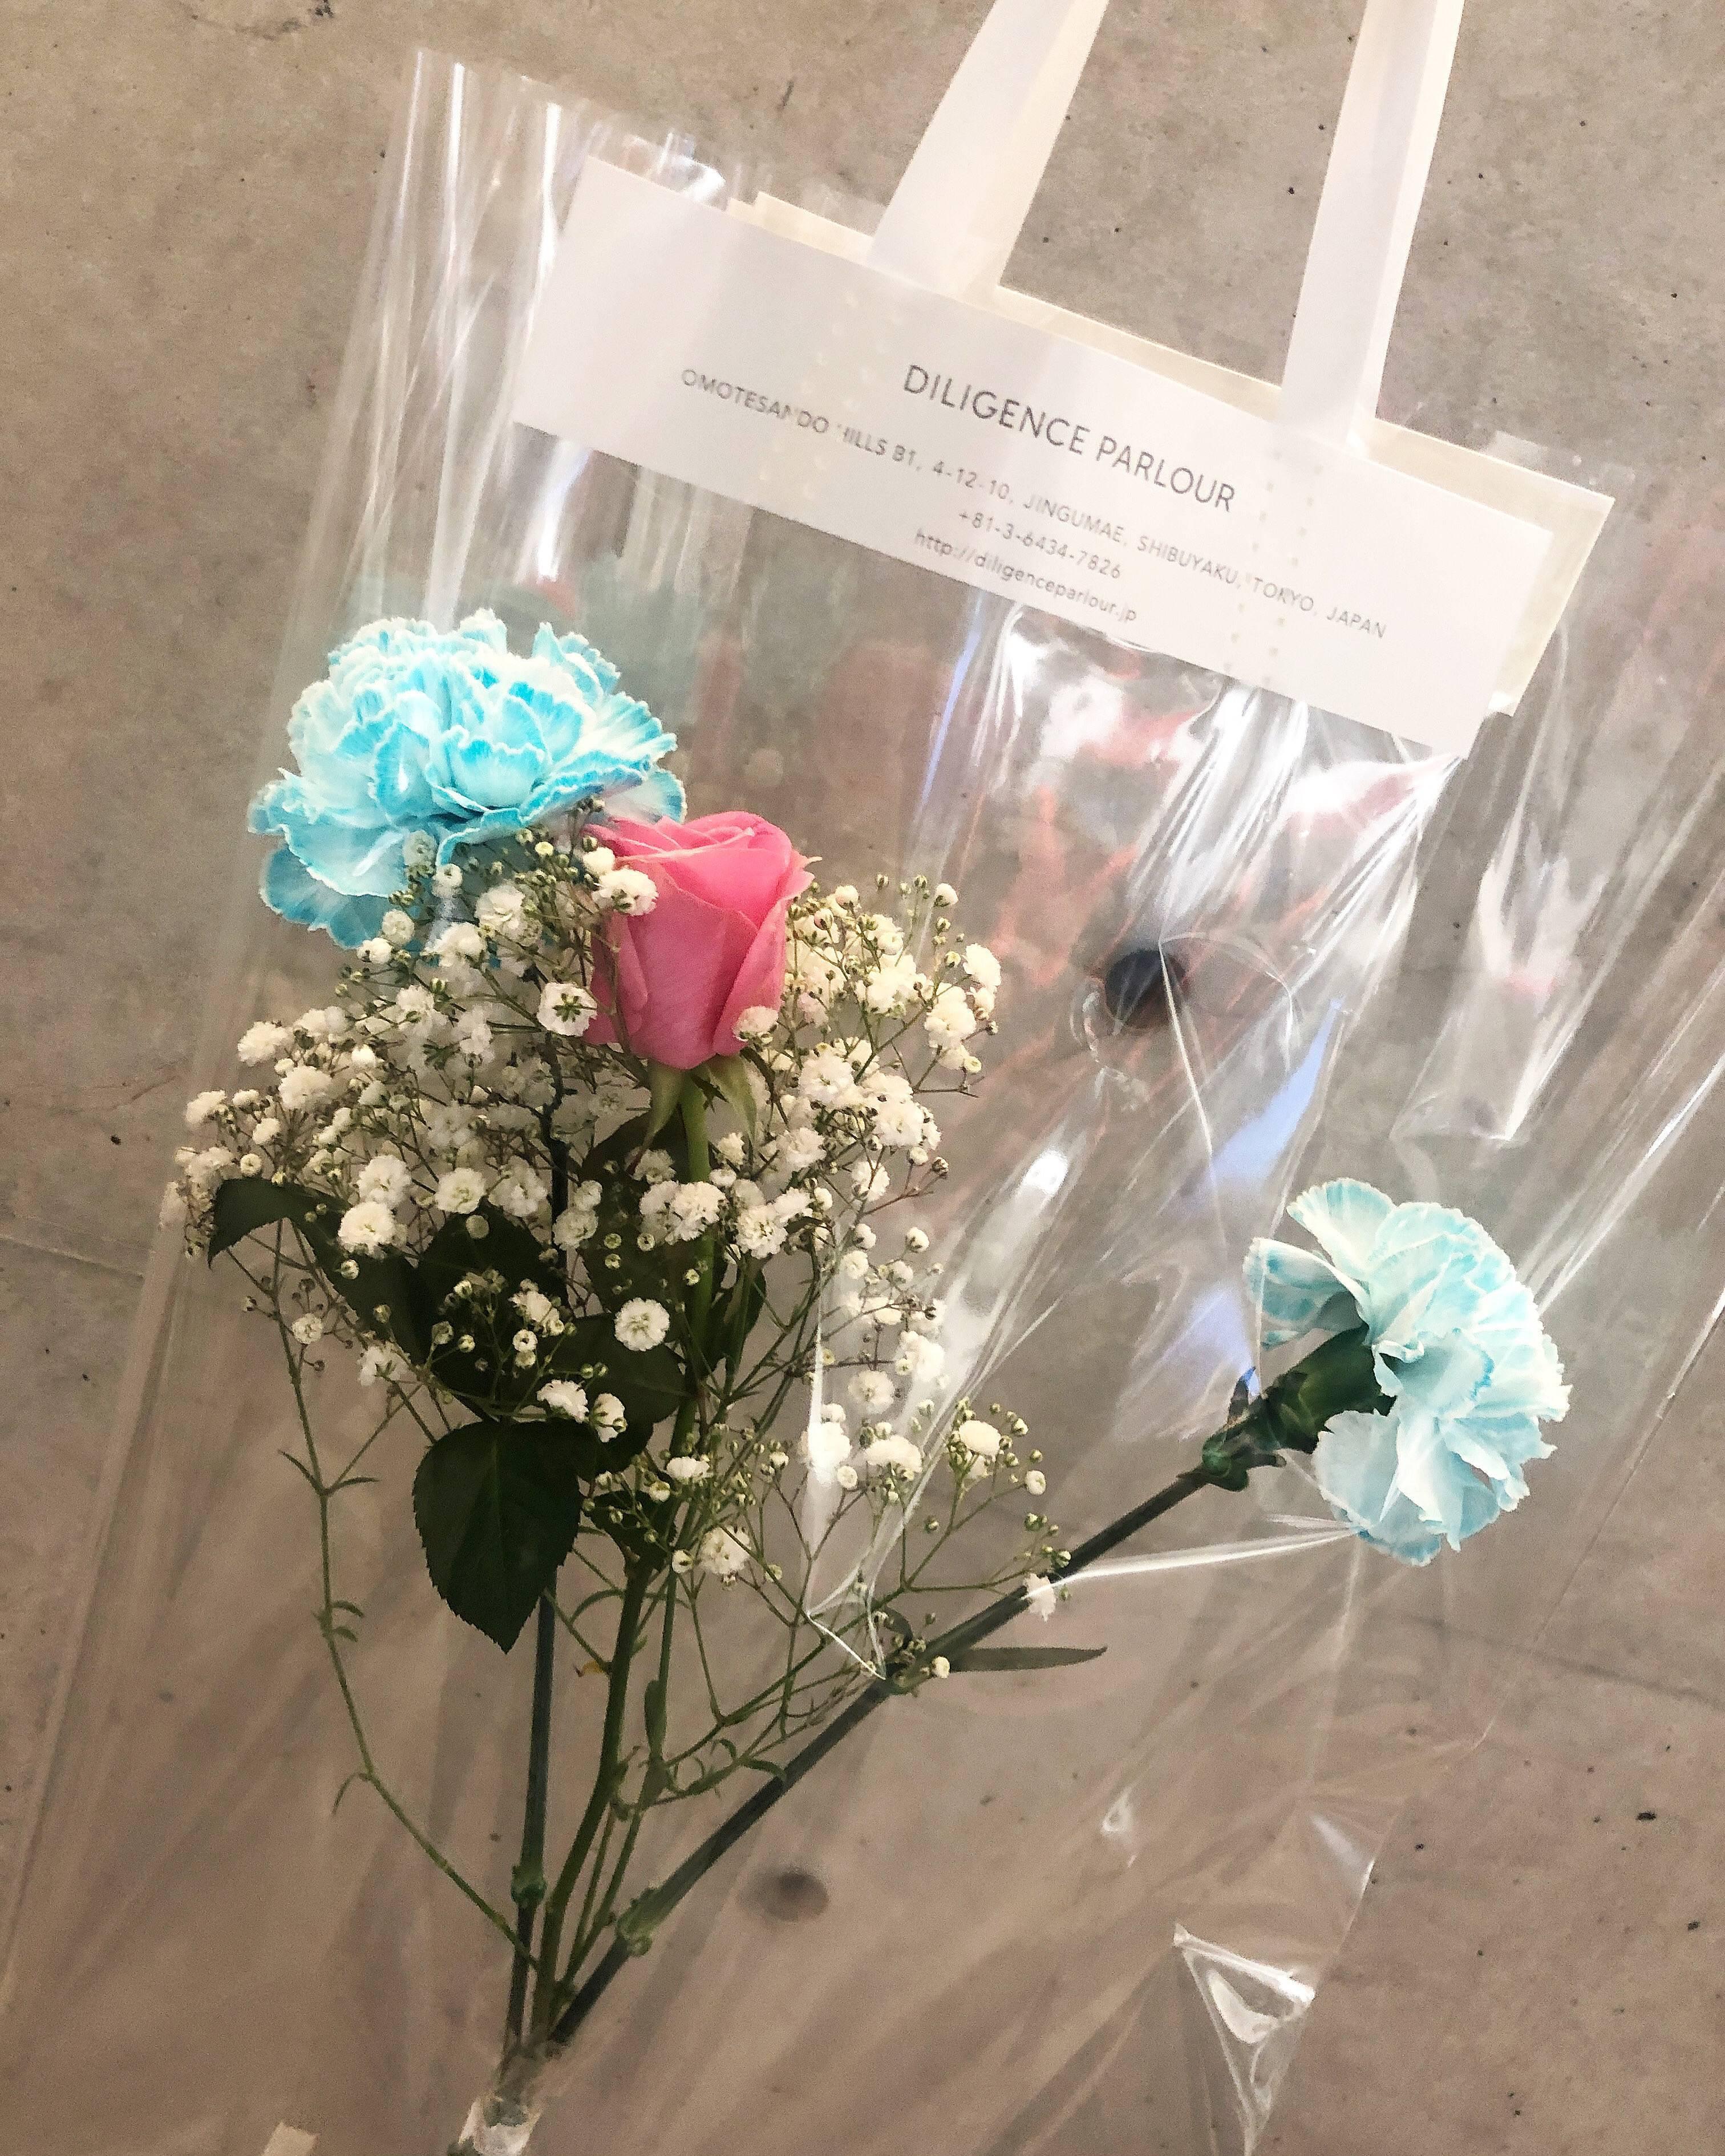 Vol.79♡ クリアバッグがおしゃれ!表参道にある花屋【DILIGENCE PARLOUR】_1_2